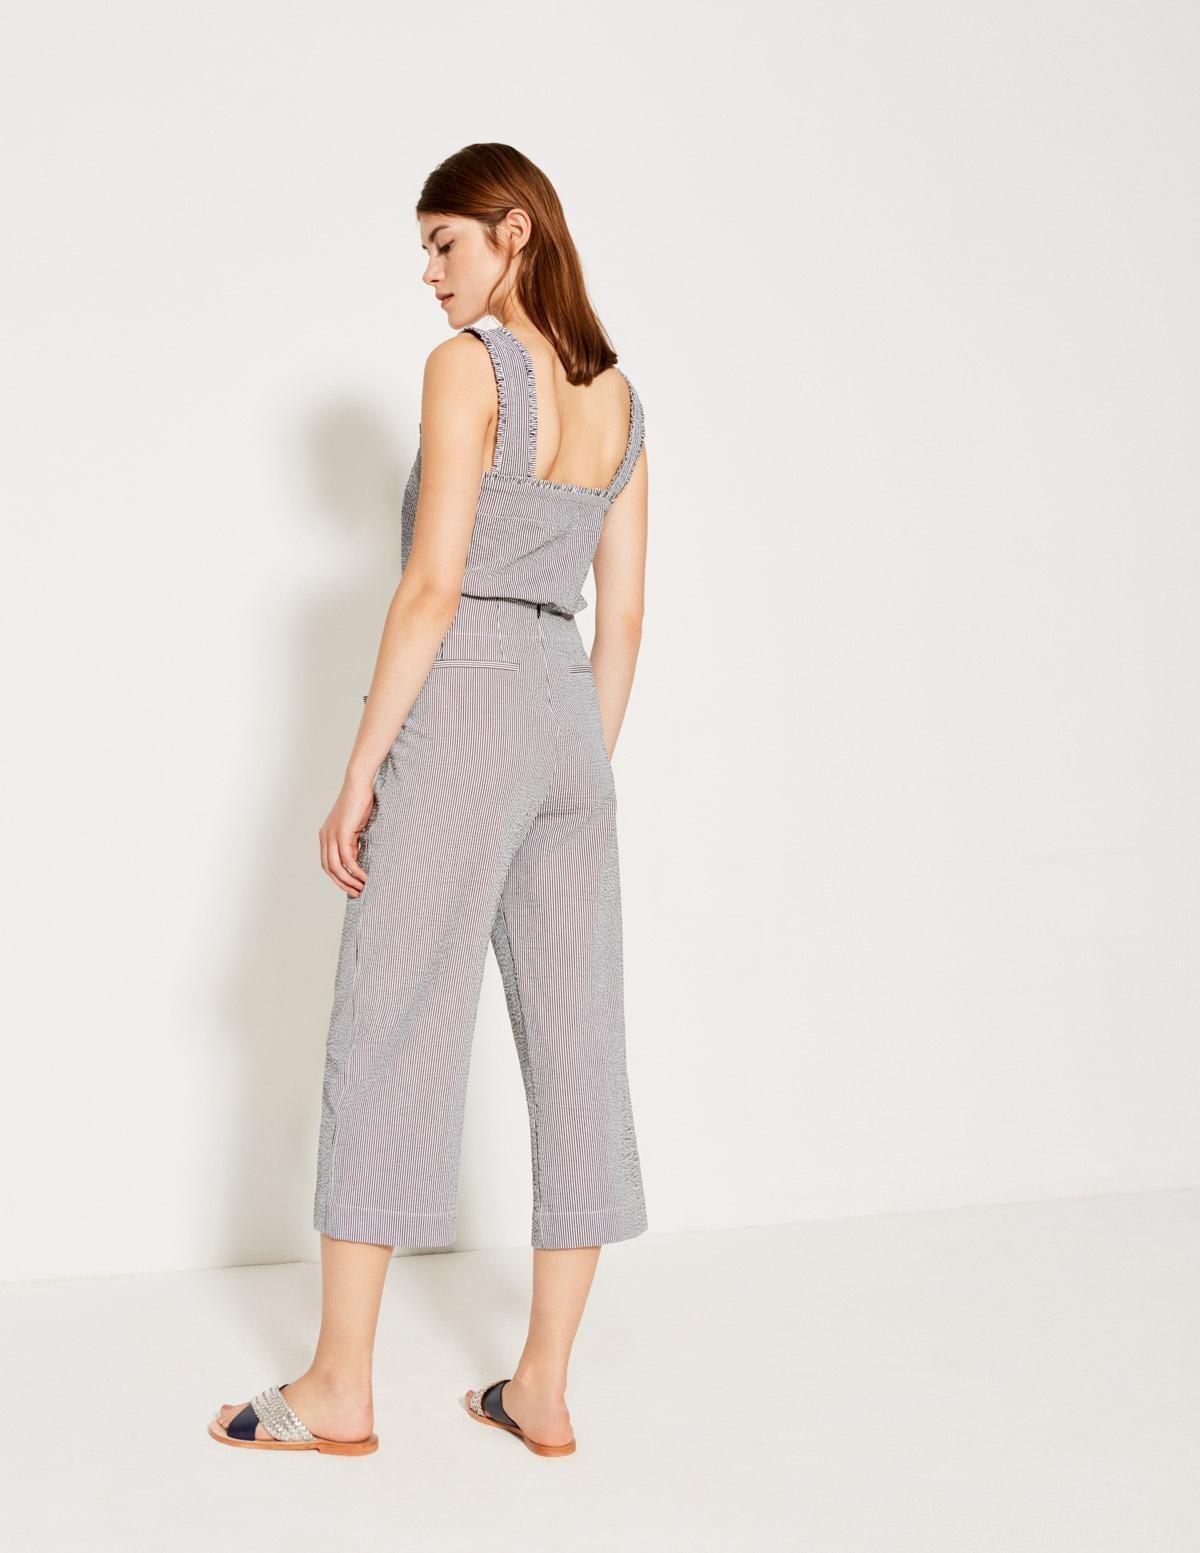 Pantalón culotte - Ítem2